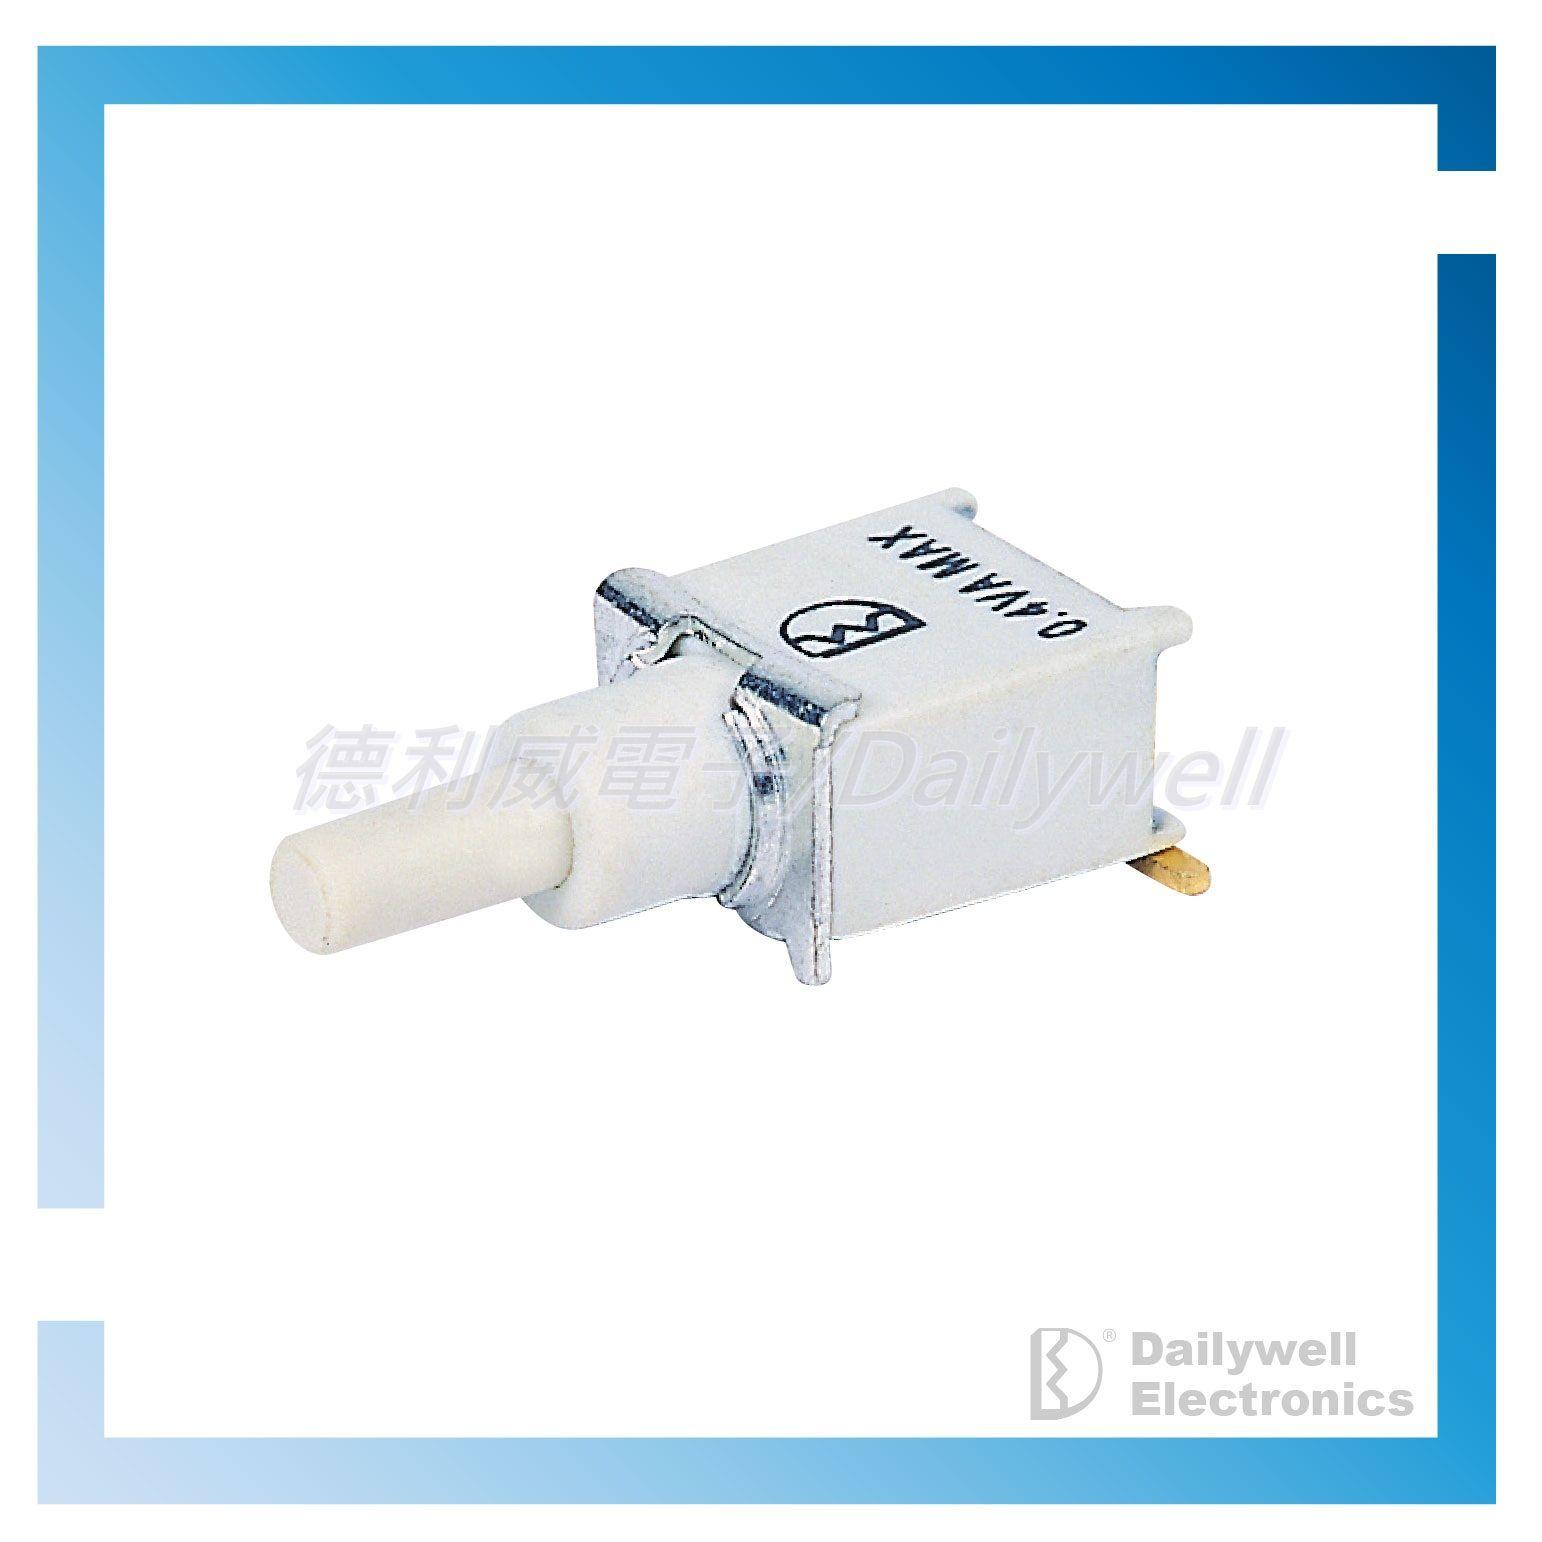 Abgedichtete Subminiatur-Drucktastenschalter